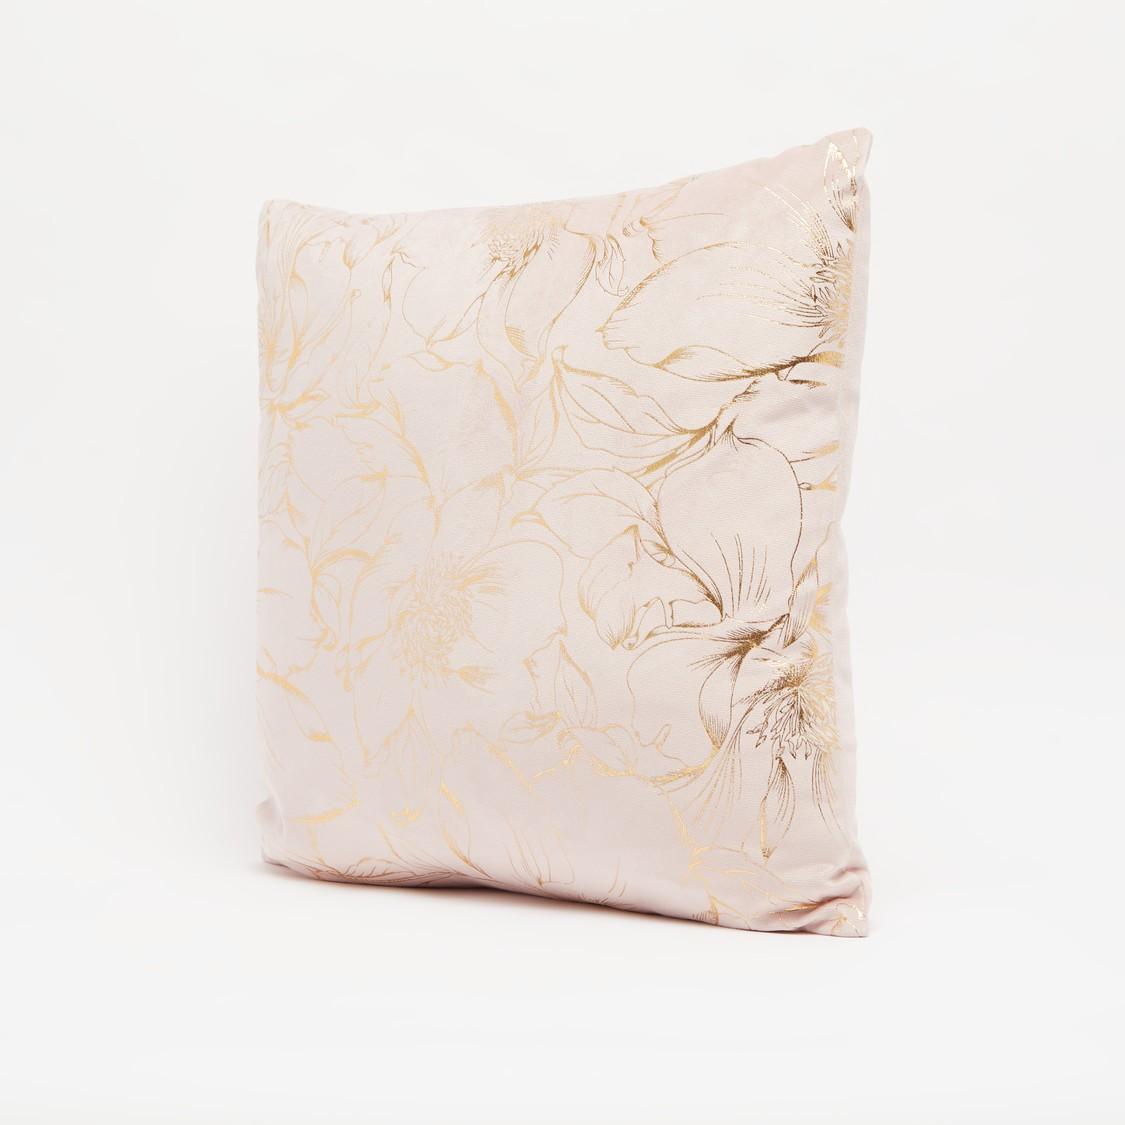 وسادة محشوة مربعة بطبعات فويل زهرية - 45x45 سم